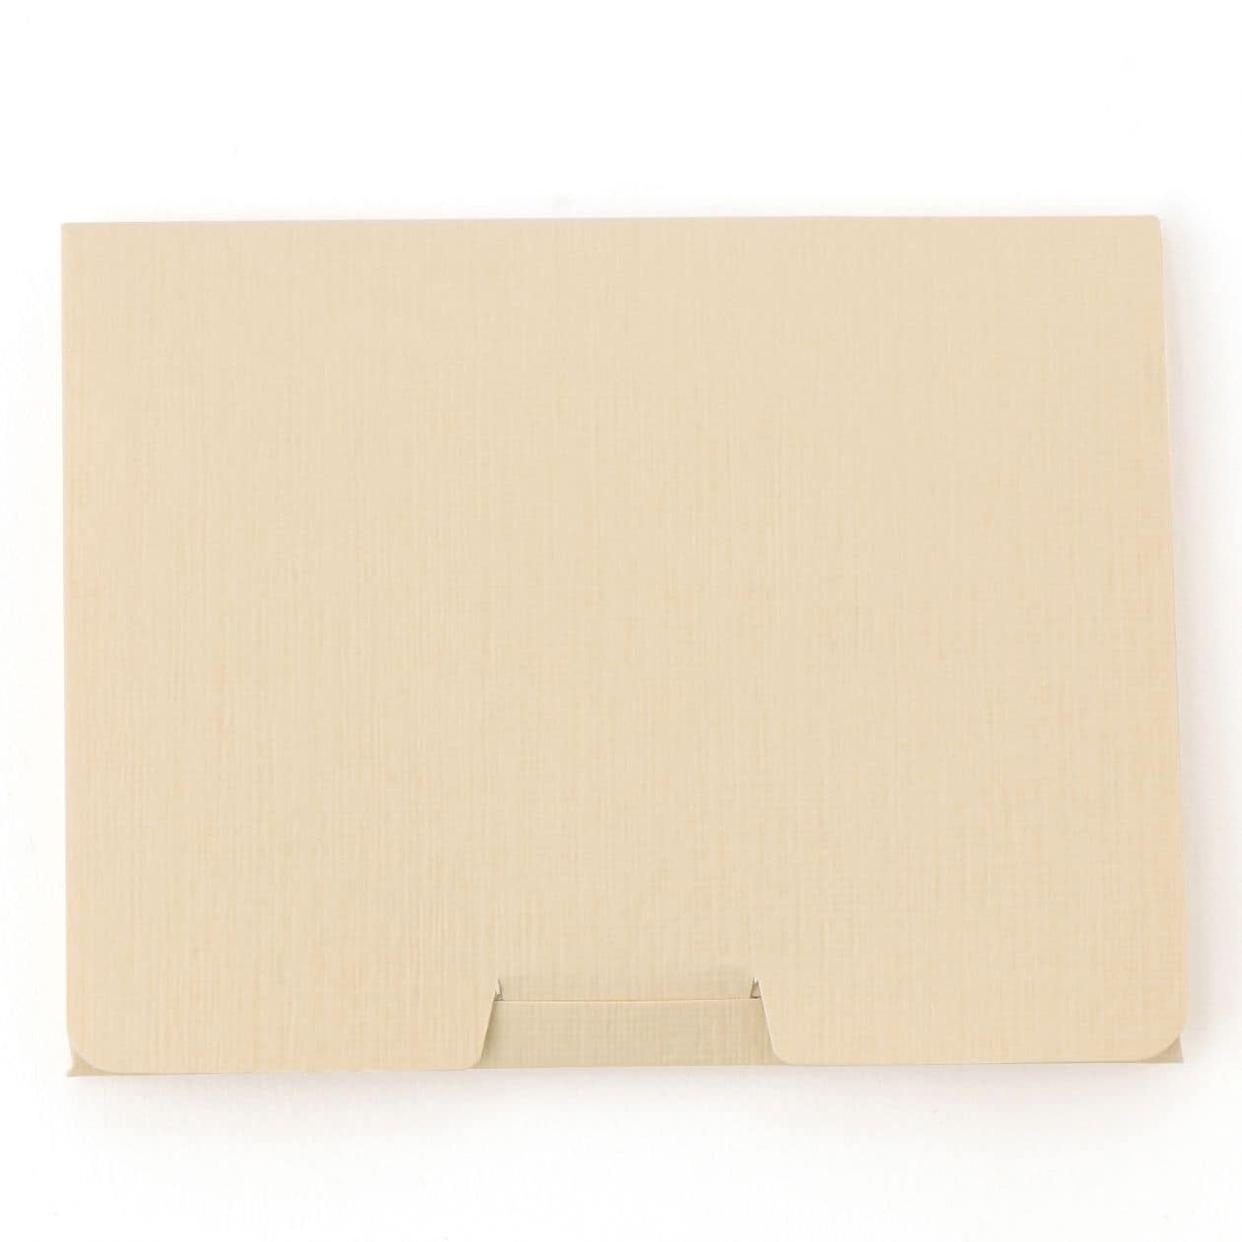 無印良品(MUJI) あぶらとり紙の商品画像